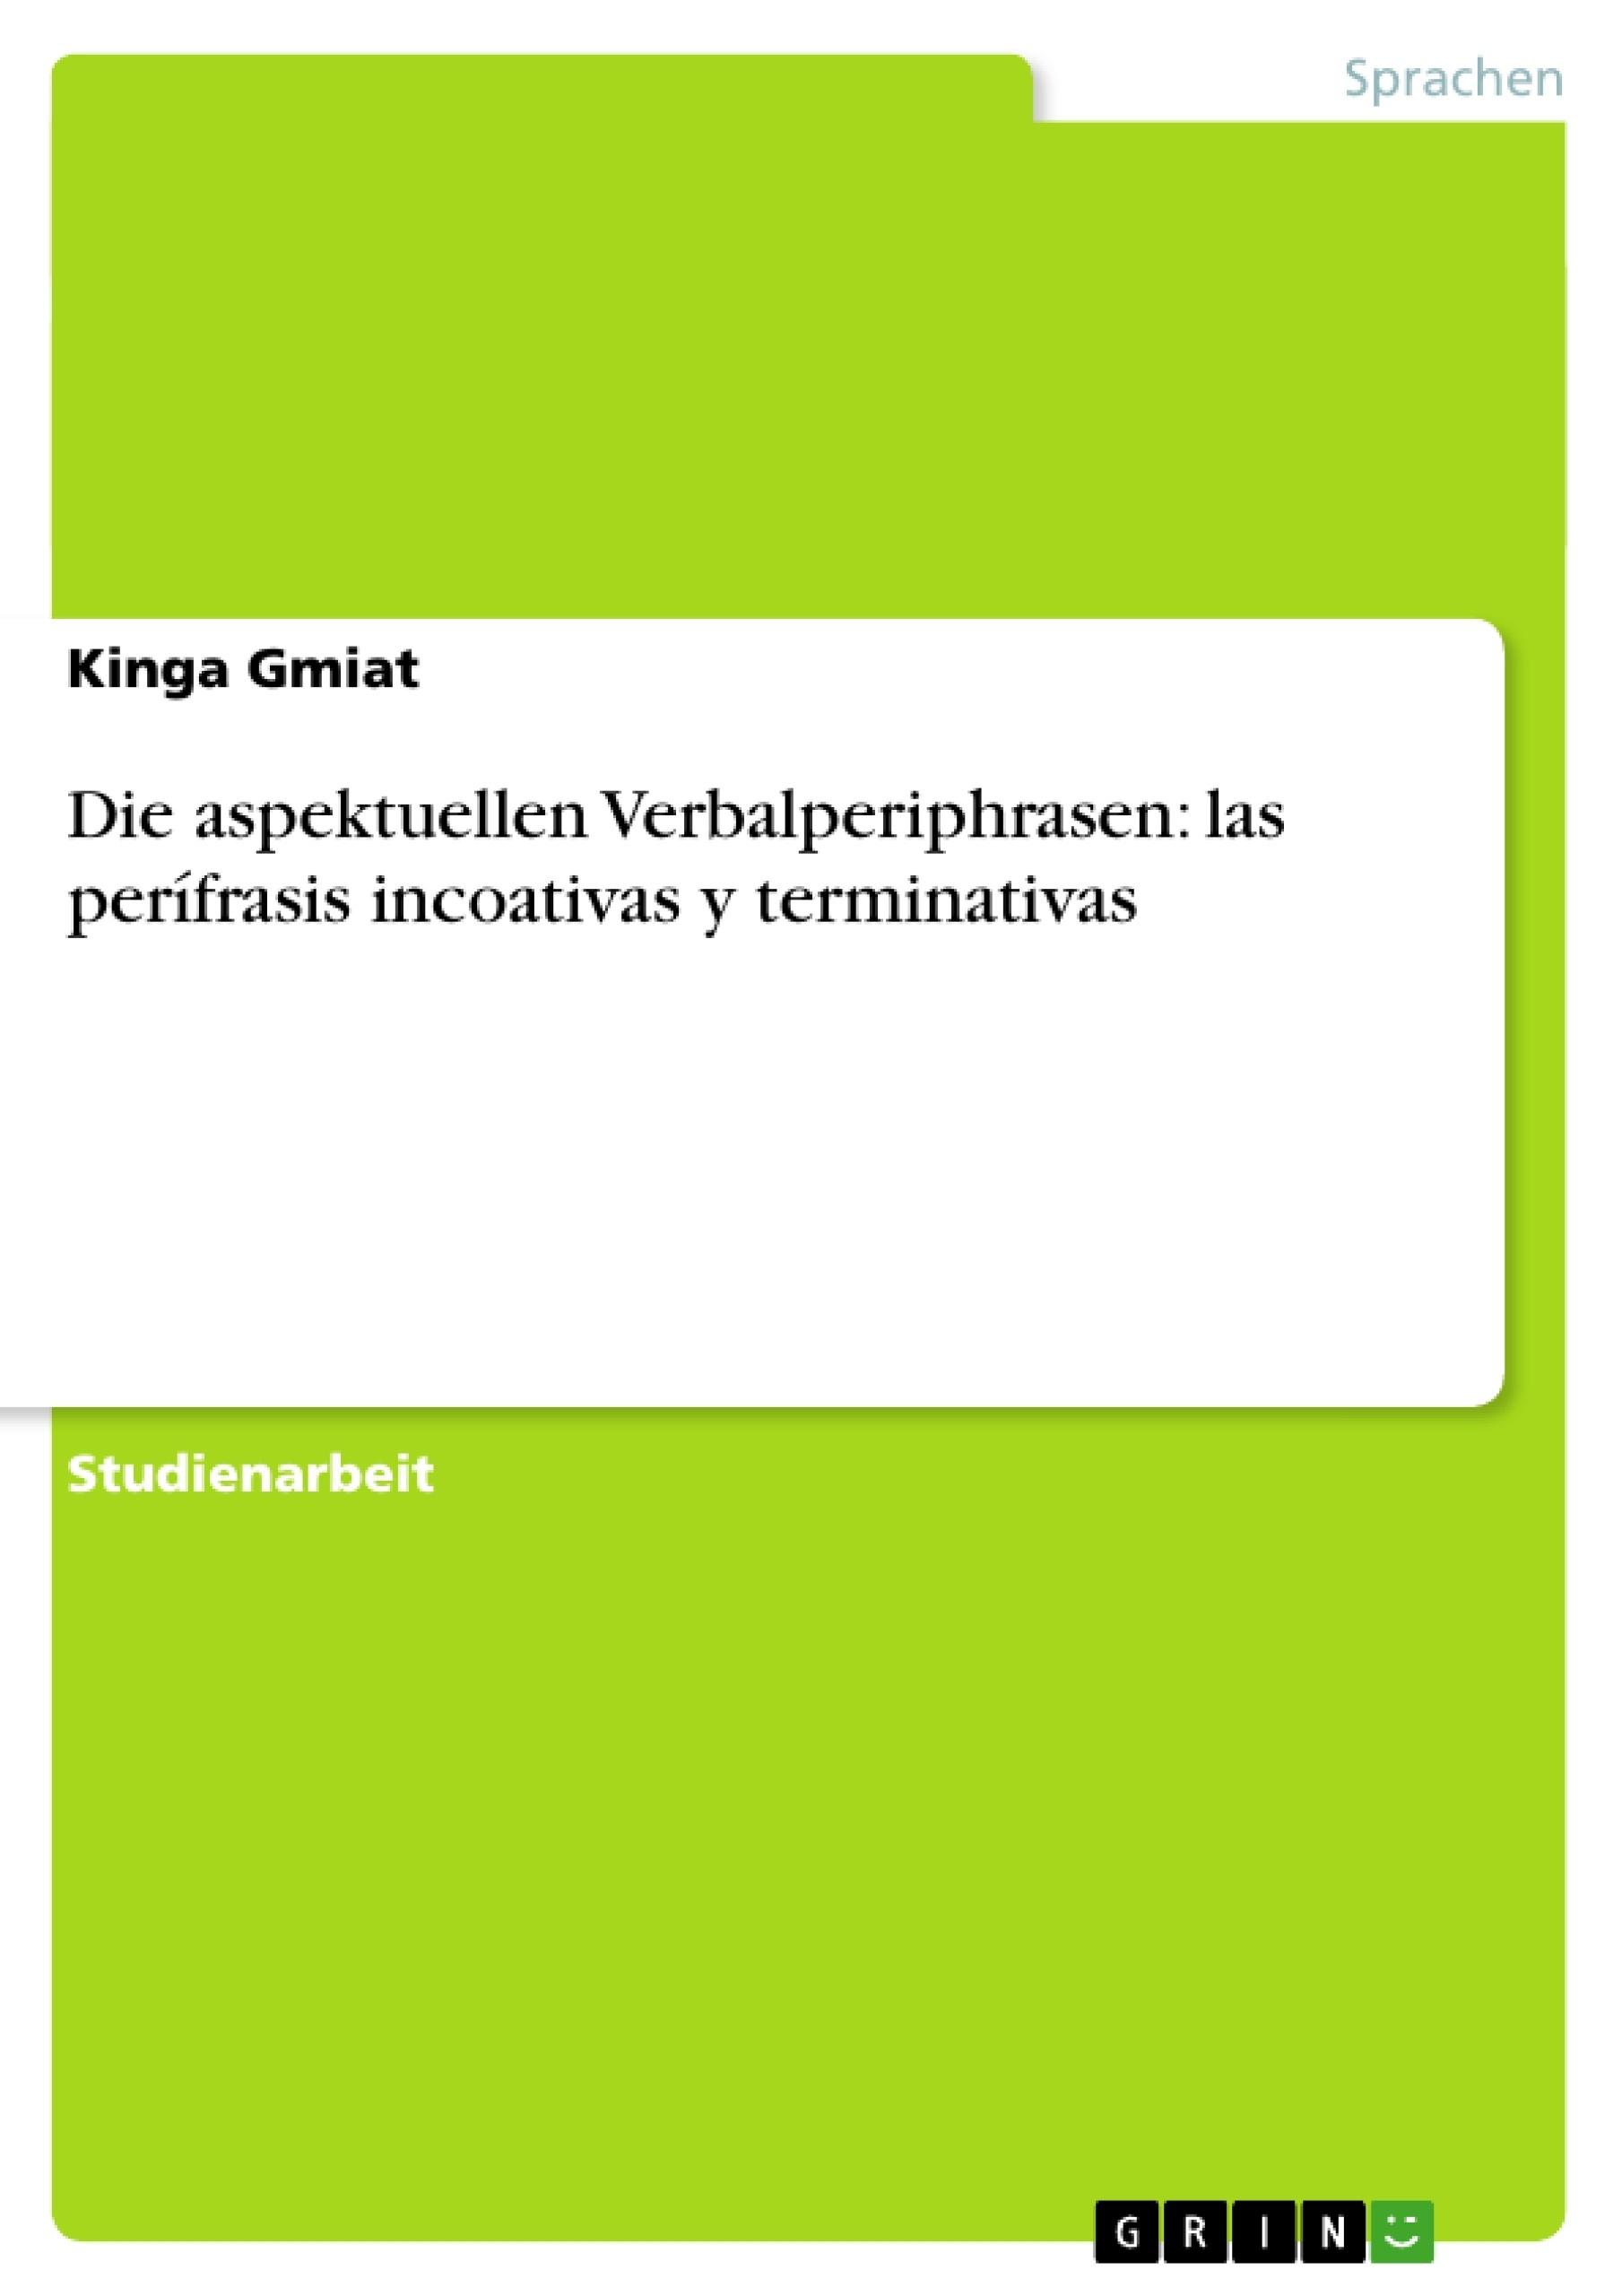 Titel: Die aspektuellen Verbalperiphrasen: las perífrasis incoativas y terminativas